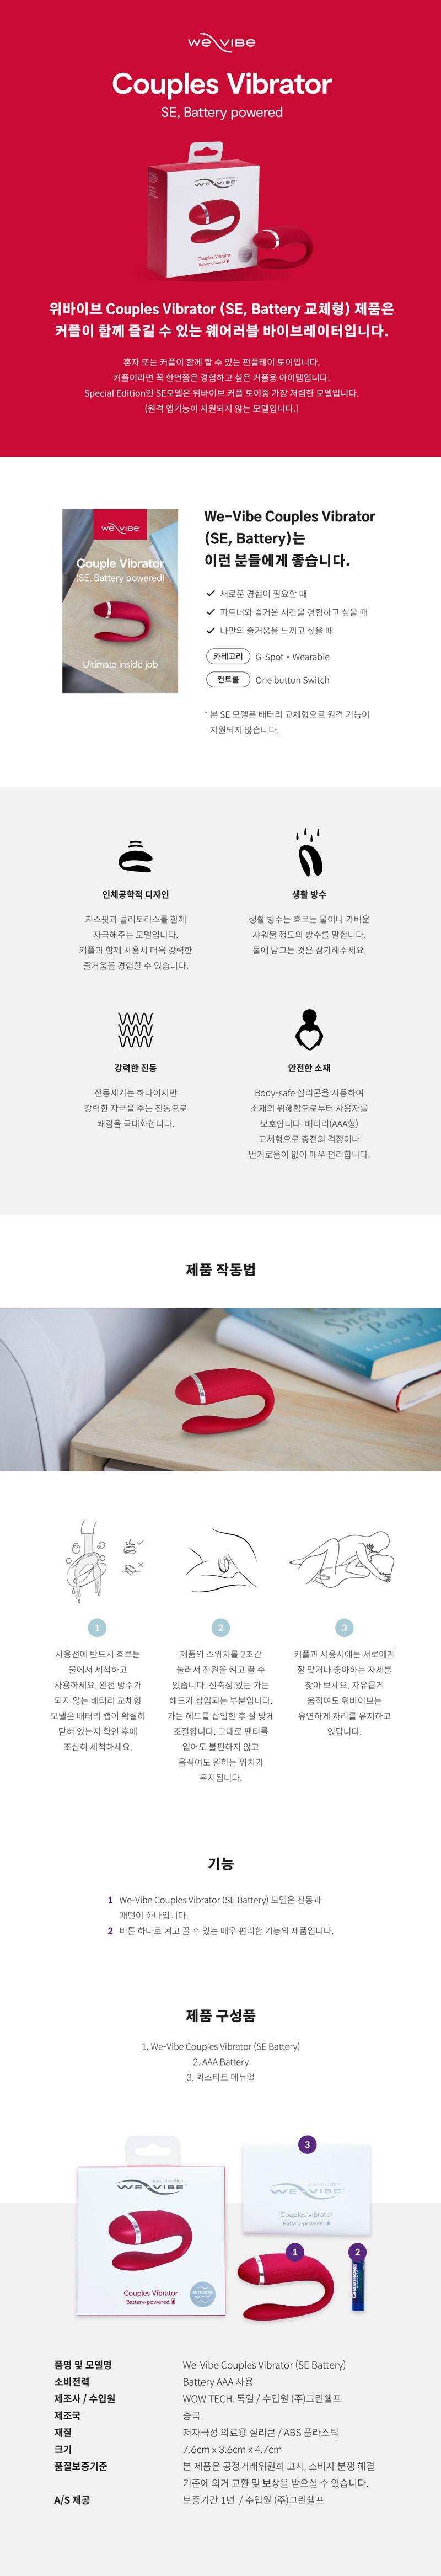 [위바이브 We-vibe] 위바이브SE배터리